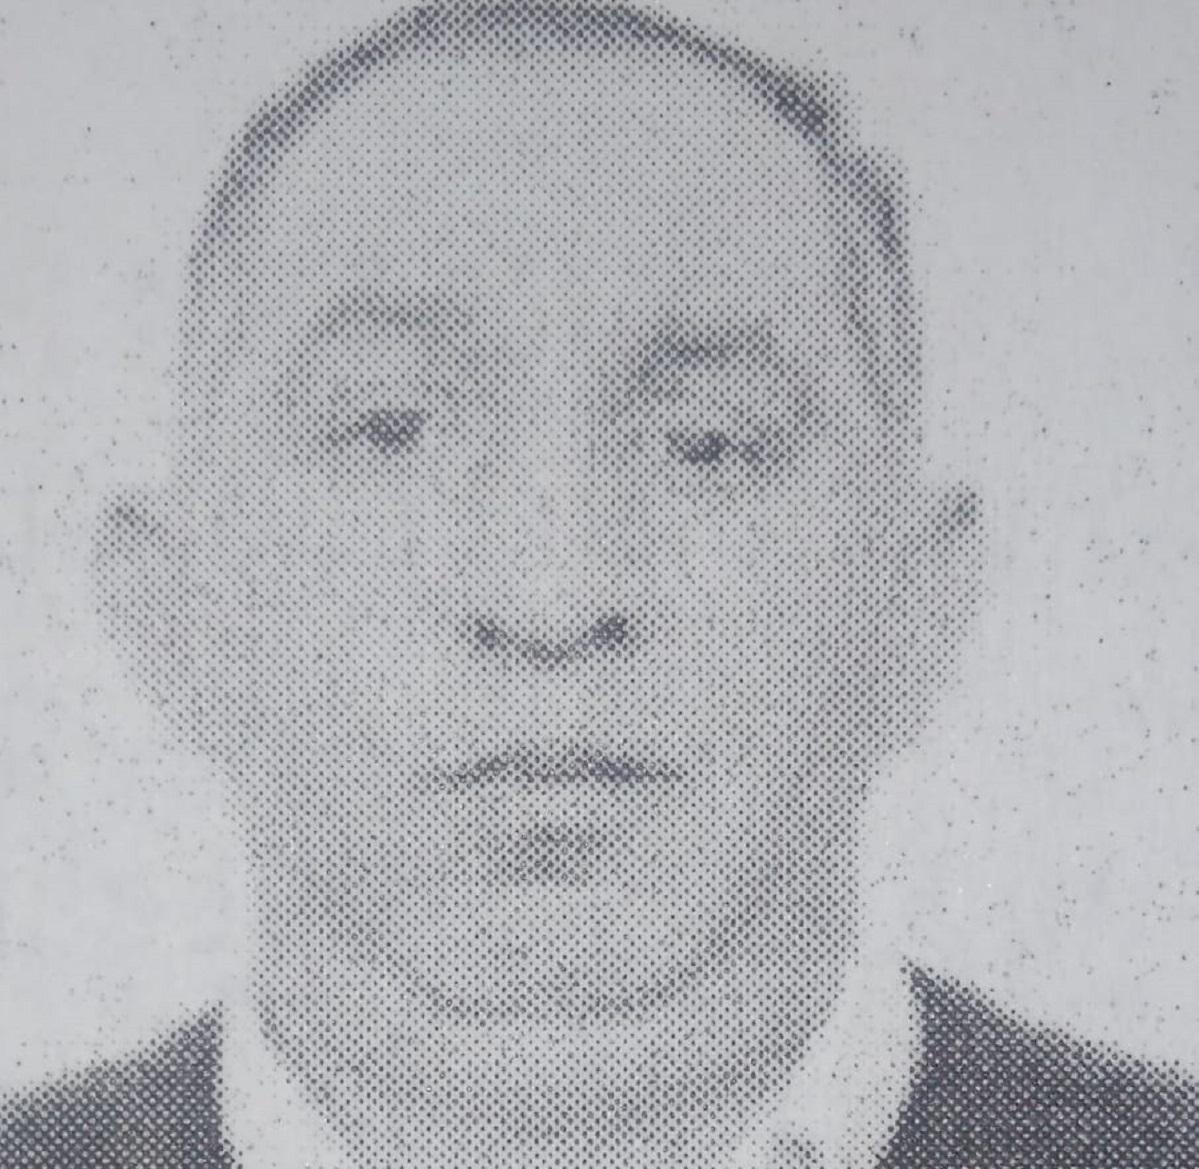 barbat-disparut-muntii-bucegi-ipj-prahova_39f19.jpg